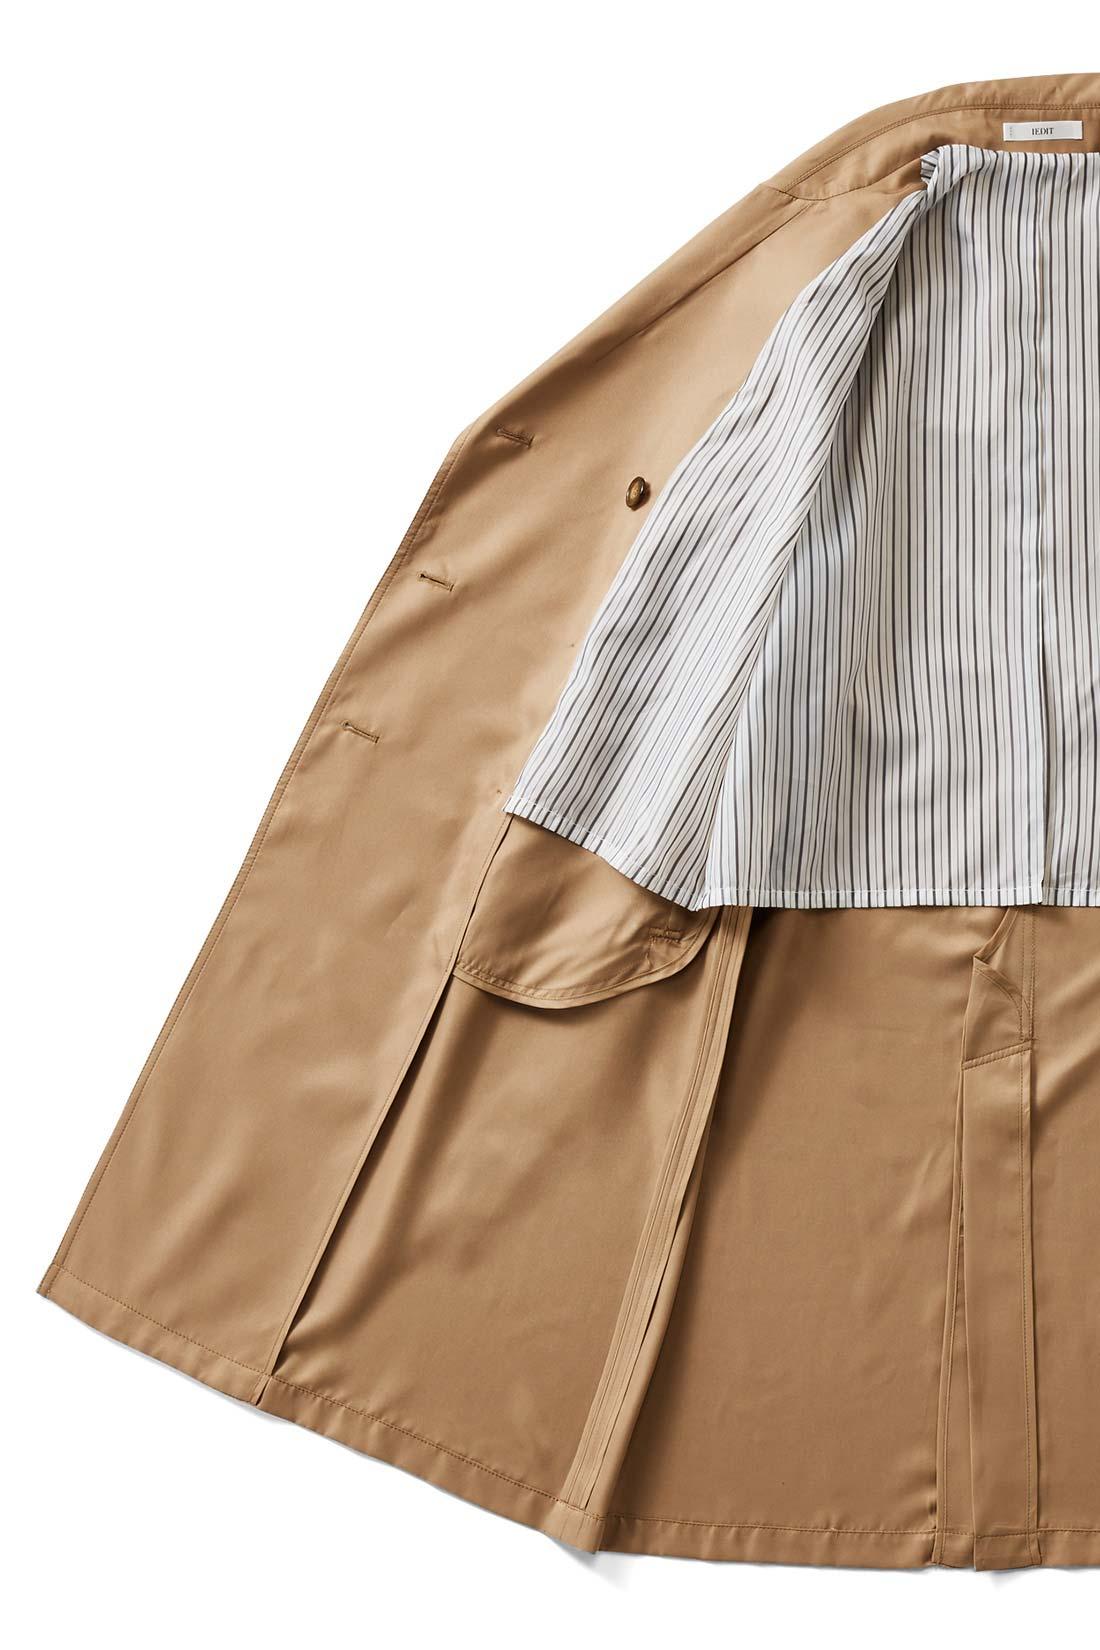 洗練感の差は、丁寧な仕立てにあり。 インがもたつかない、背裏+袖裏付き。縫い目はパイピング始末で丁寧な仕立て。